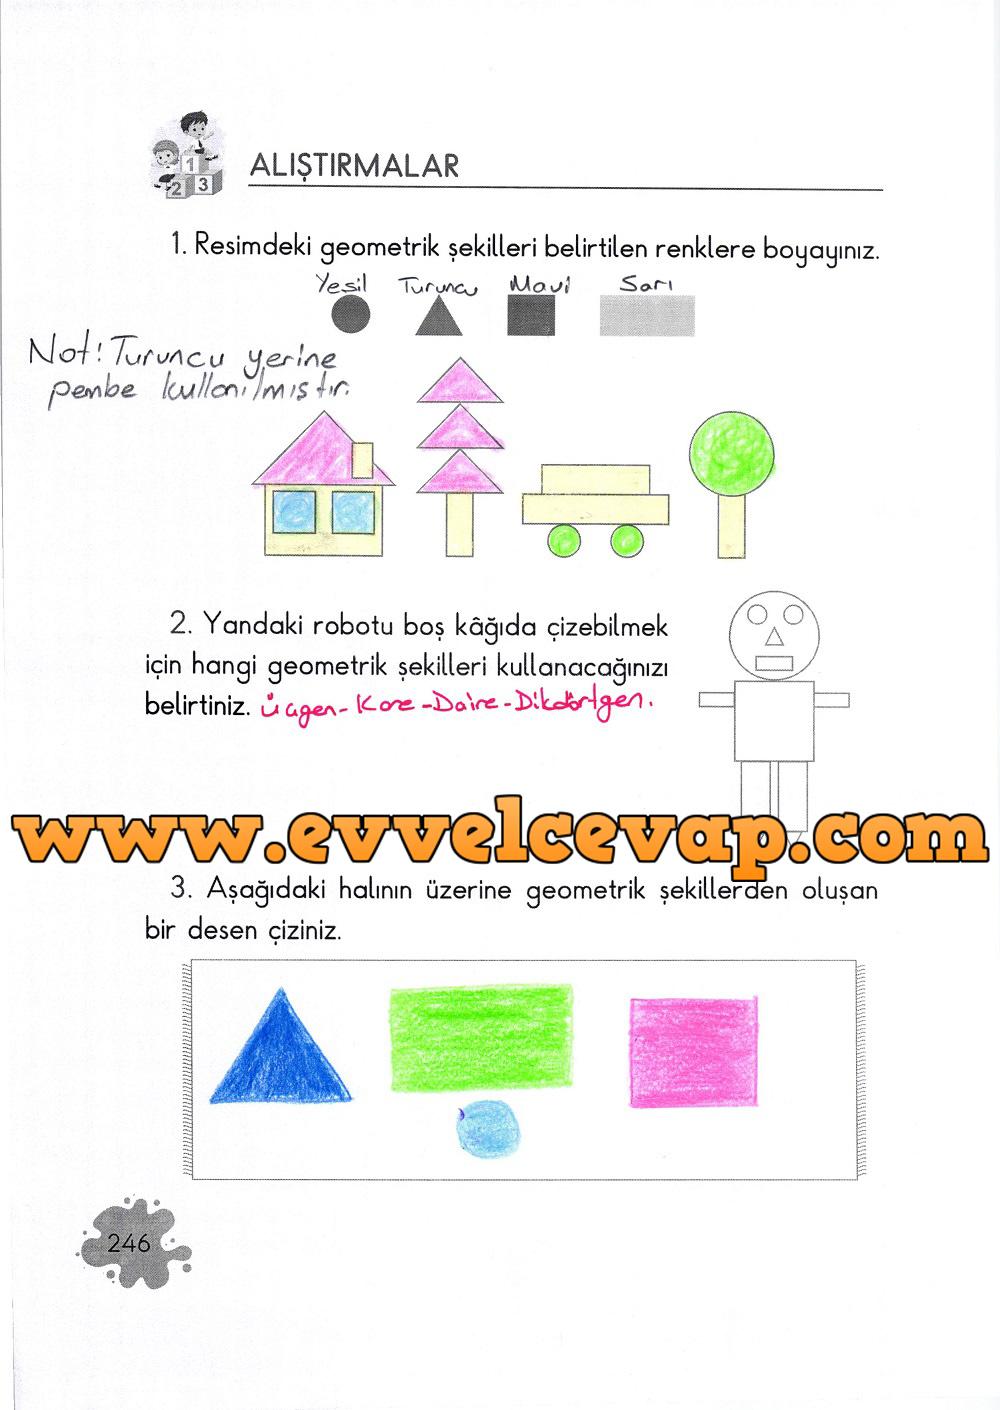 2. Sınıf Açılım Yayınları Matematik Ders Kitabı 246. Sayfa Cevapları